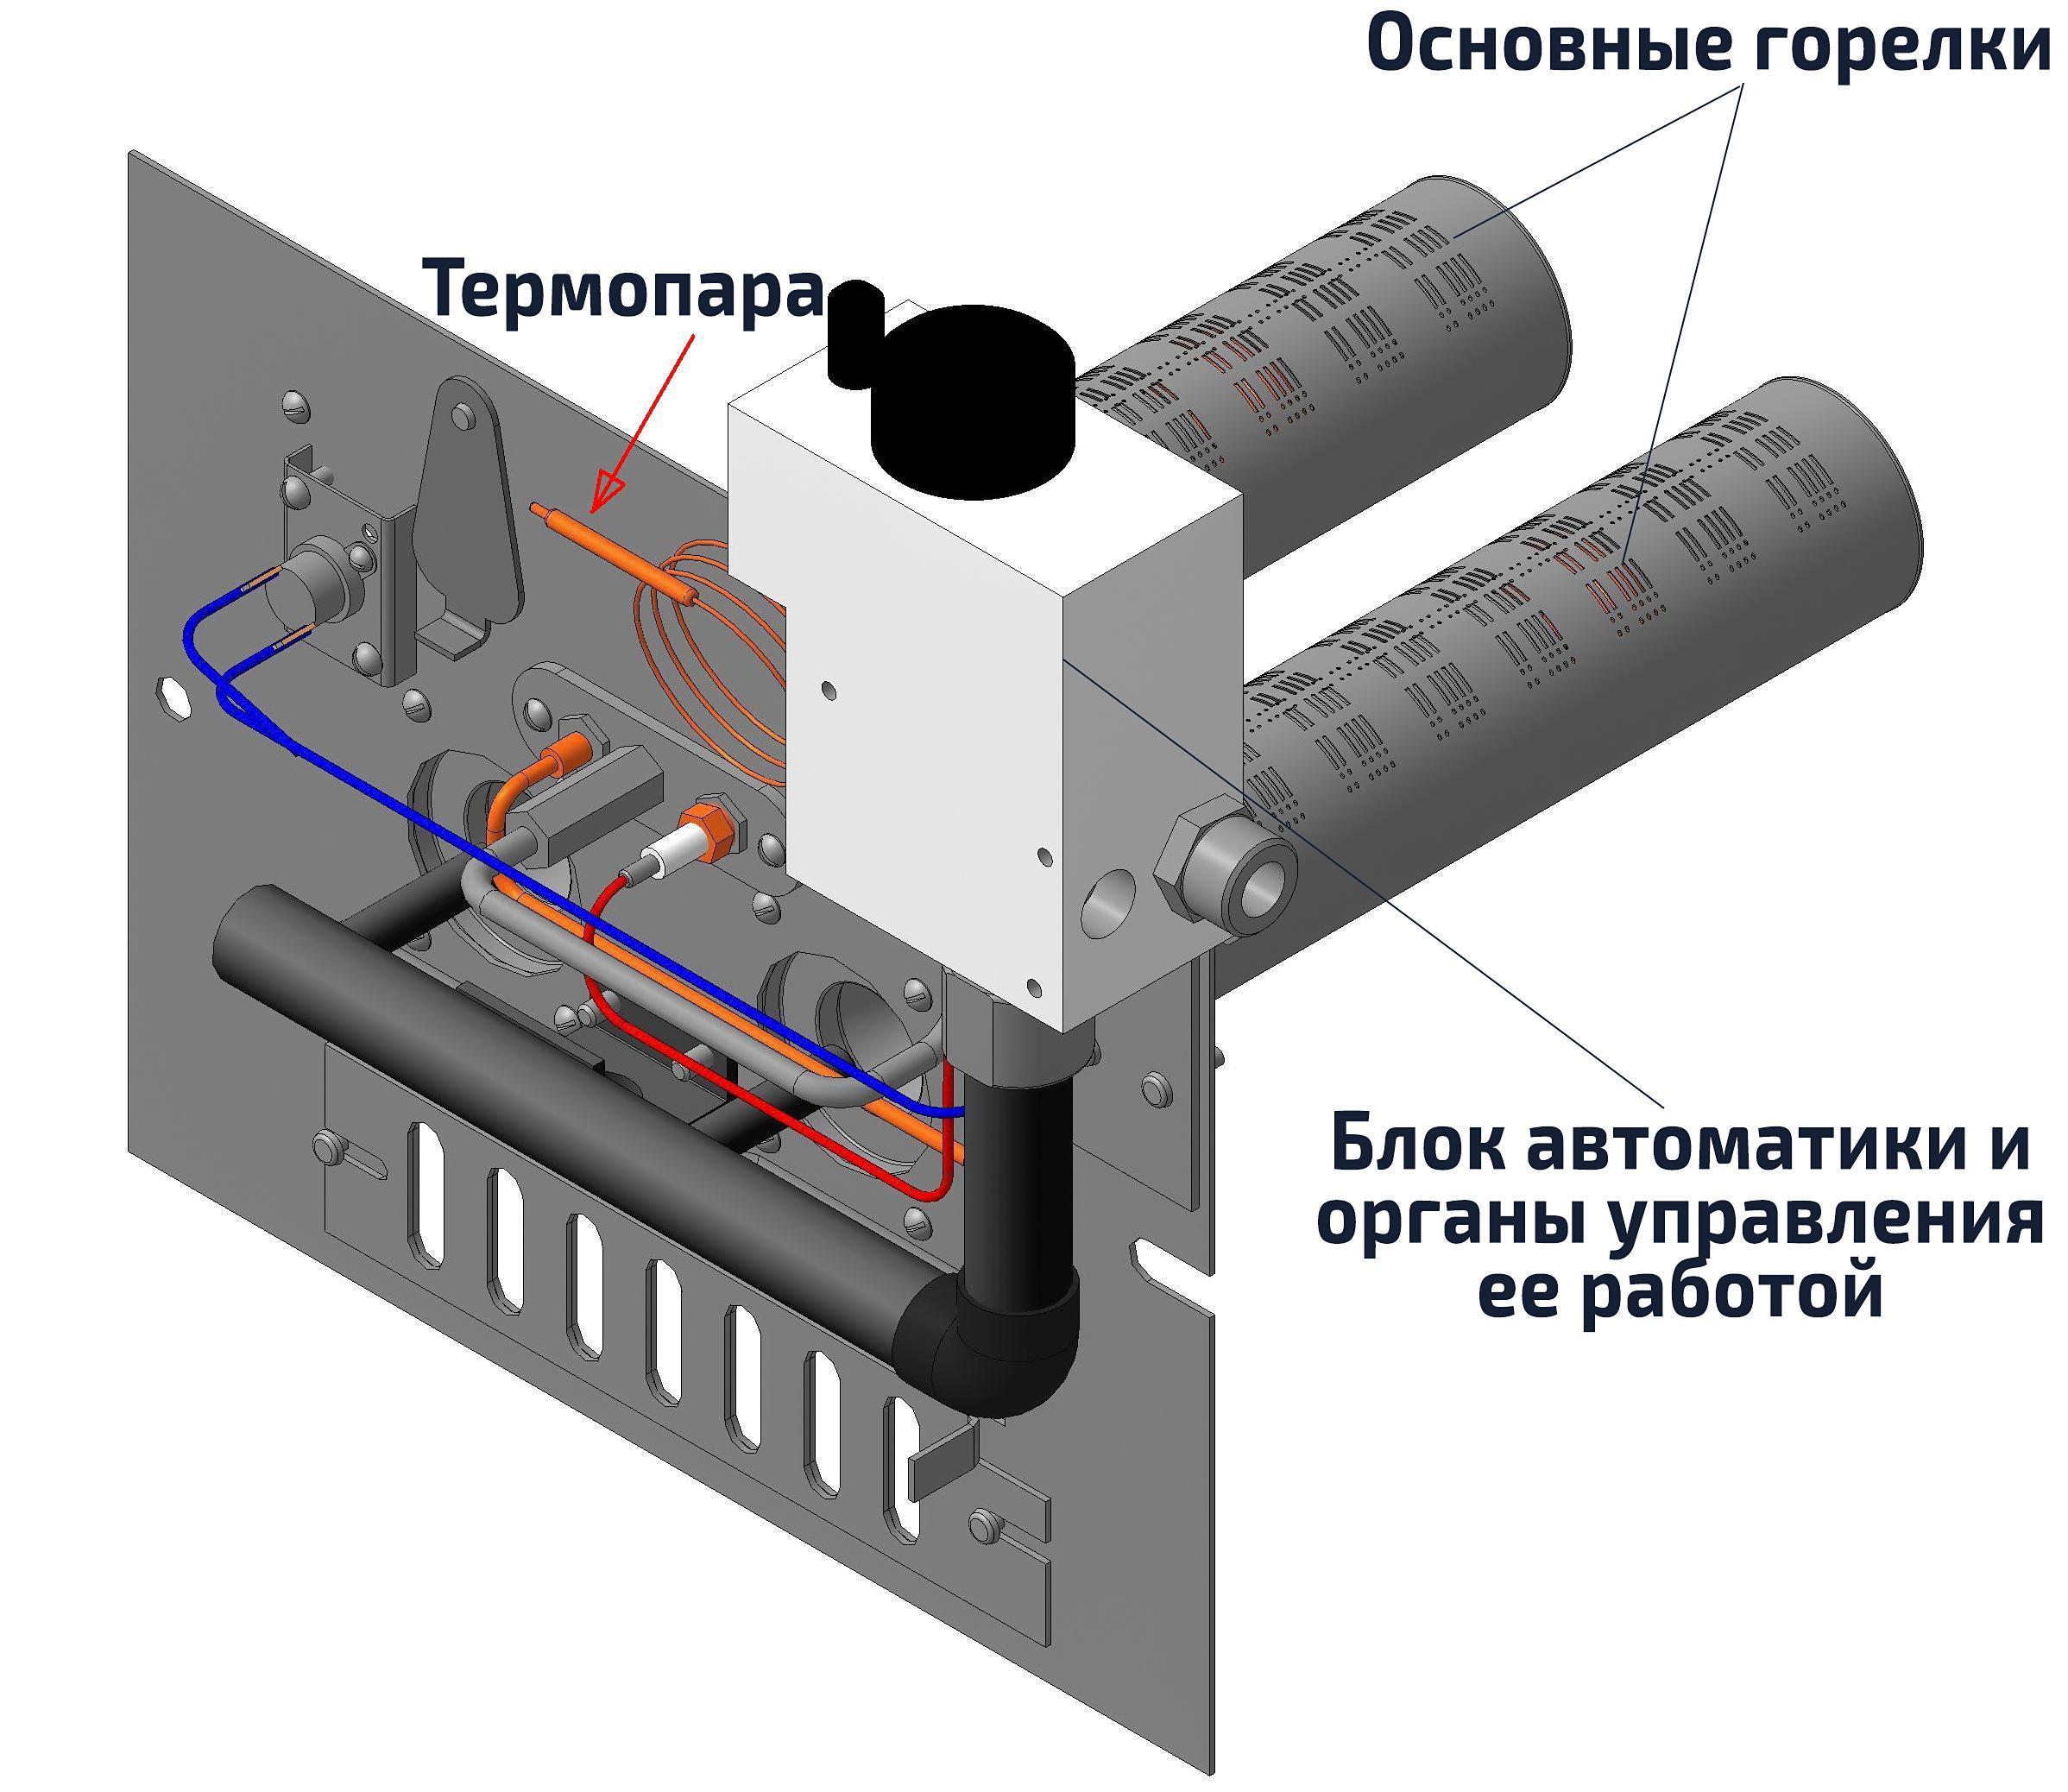 Ustrojstvo-gazovogo-energonezavisimogo-kotla.jpg